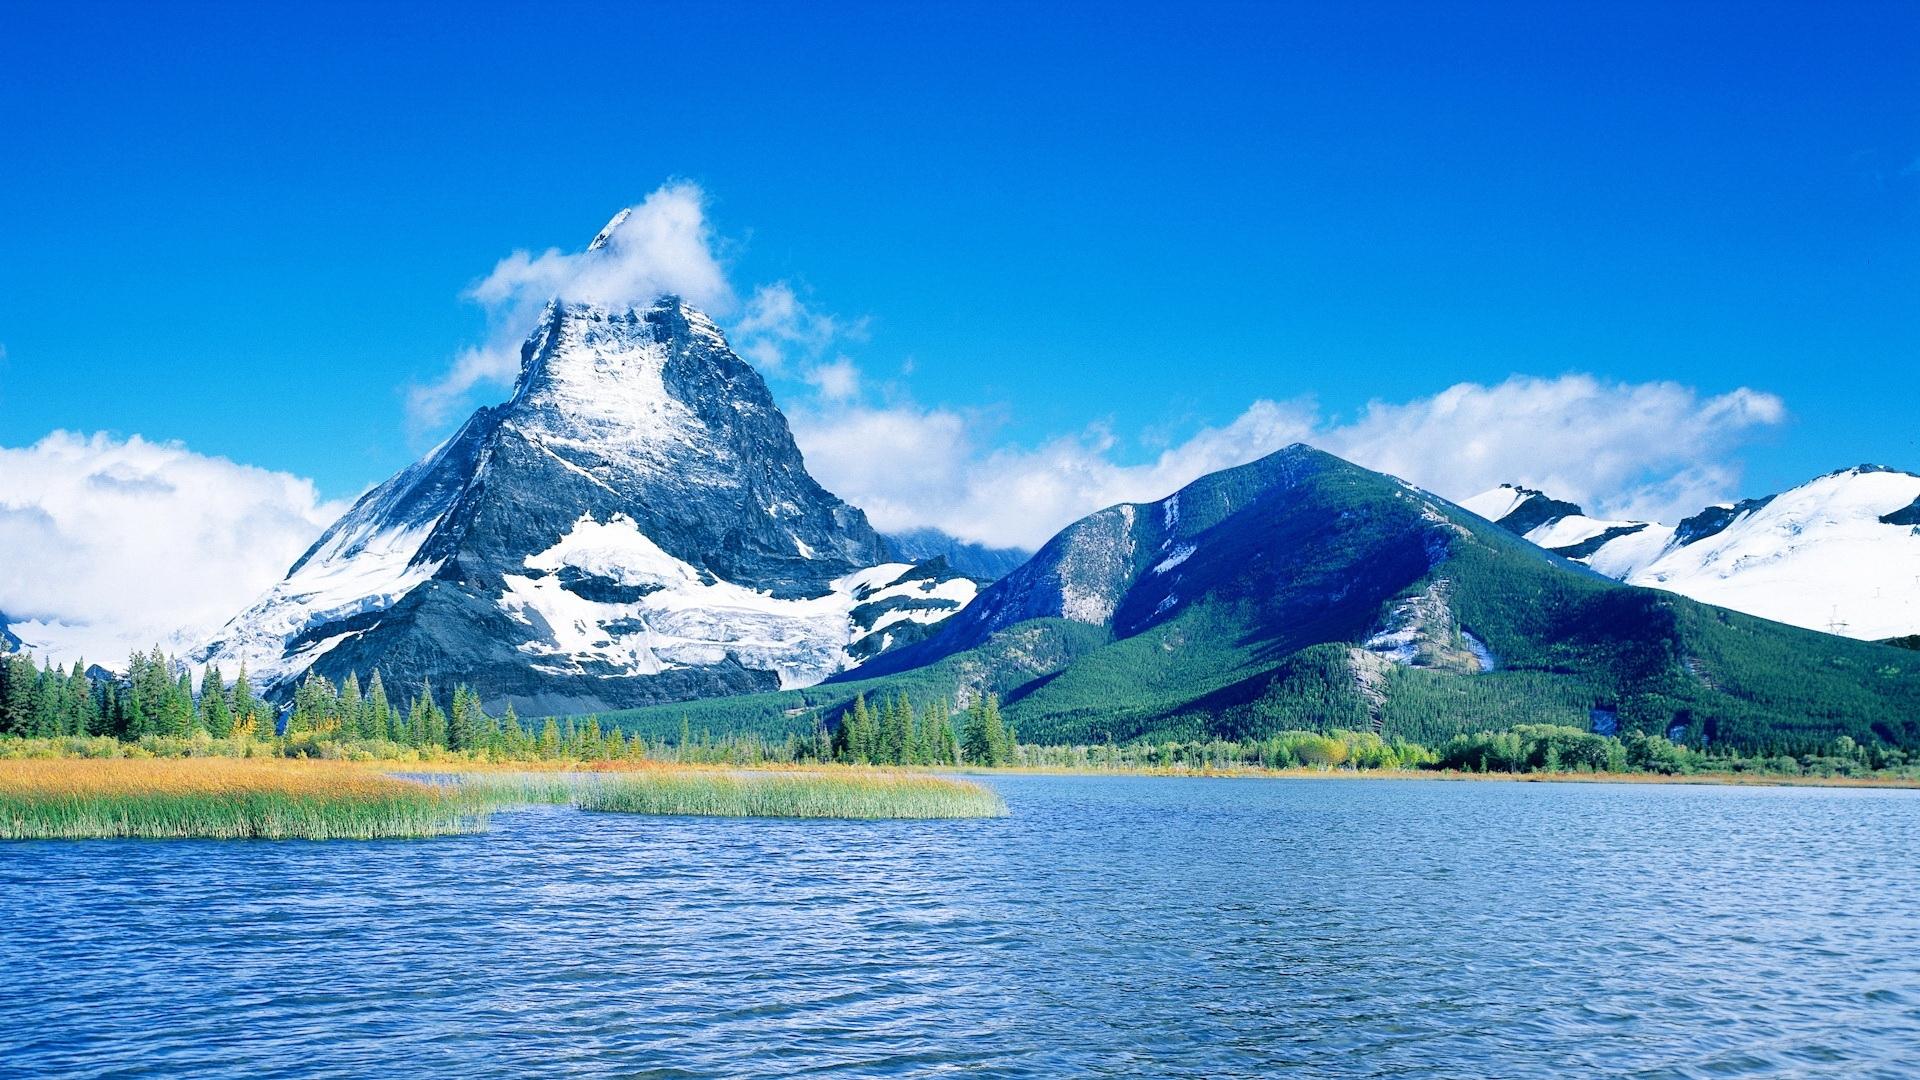 49771 Заставки и Обои Озера на телефон. Скачать Озера, Пейзаж, Природа, Горы картинки бесплатно